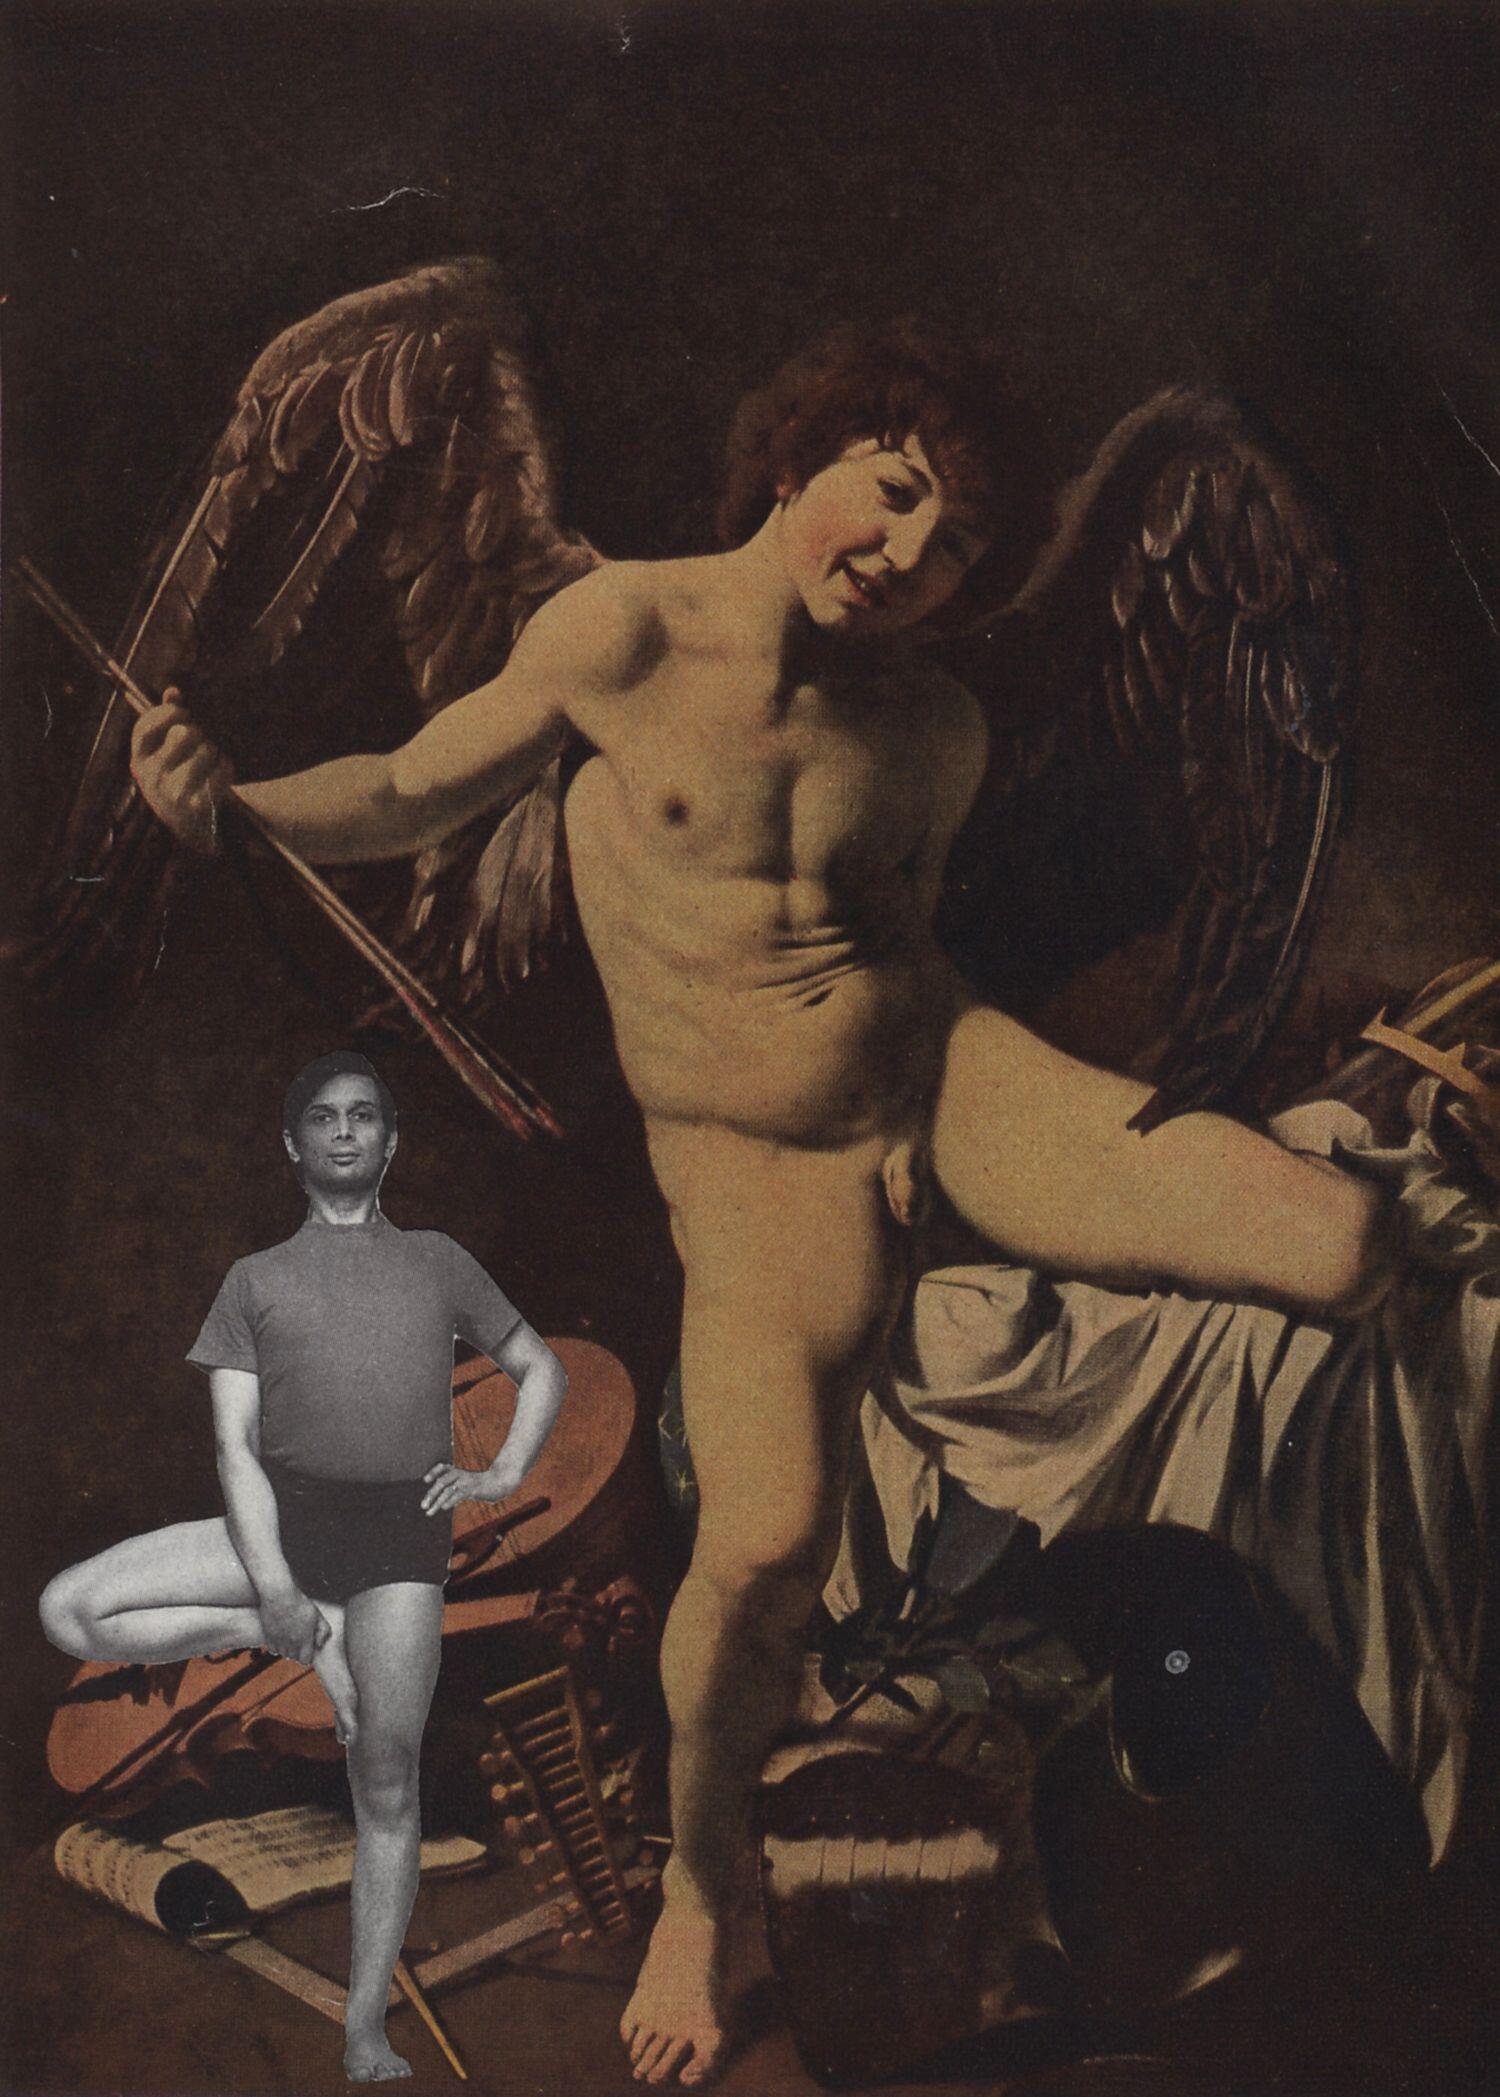 Zweibeiner  2008, 17 x 12 cm, Collage